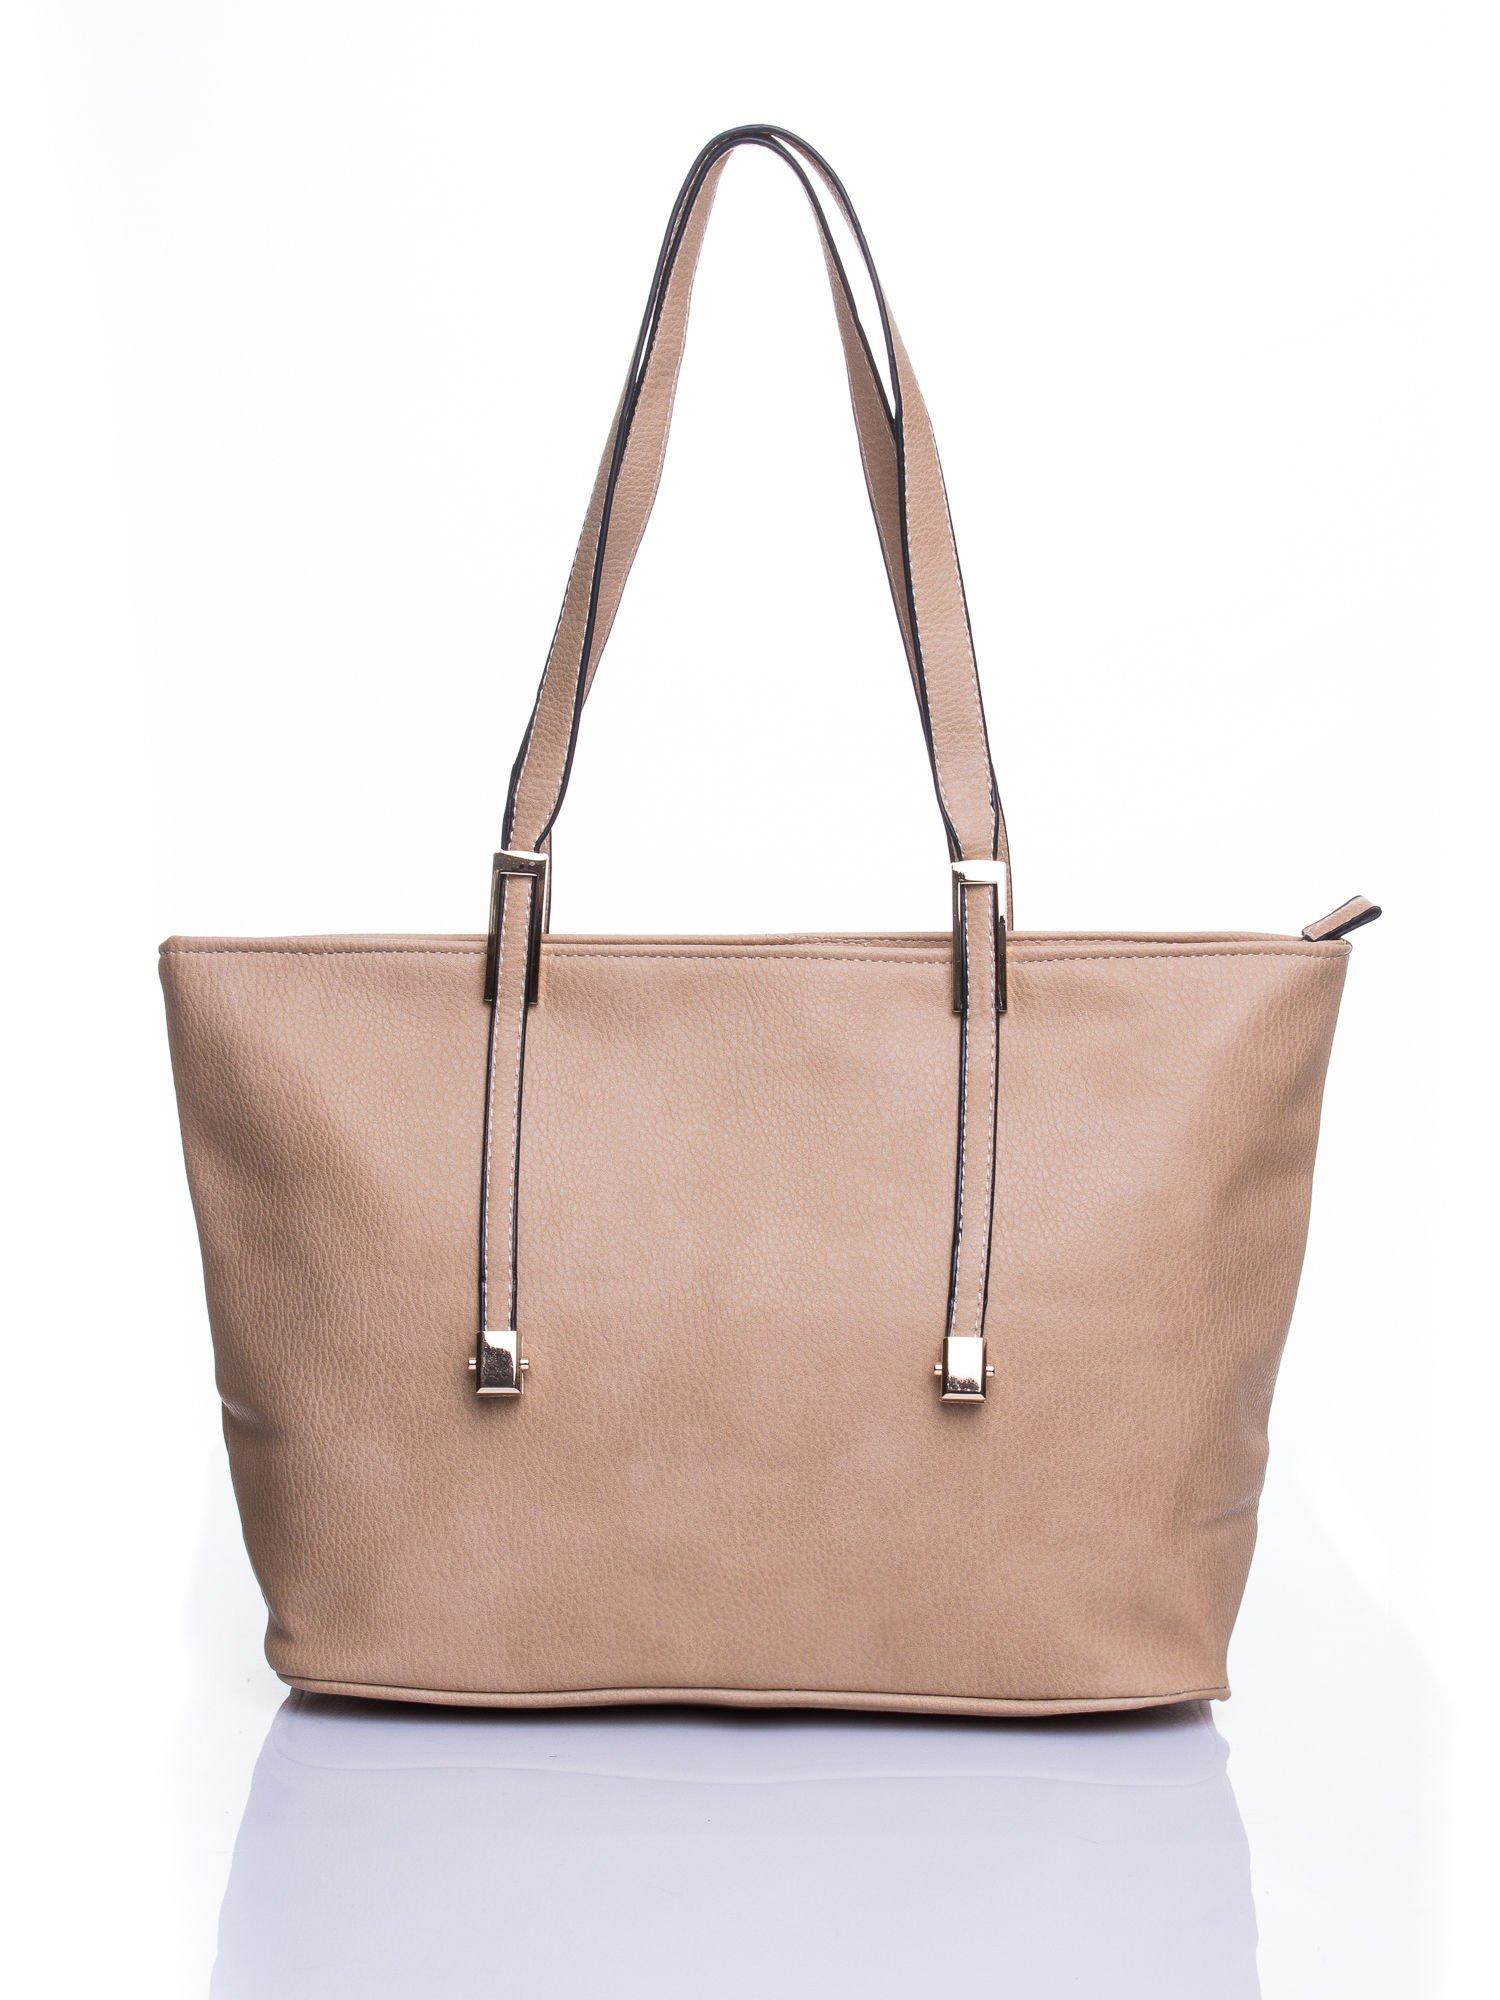 Jasnobrązowa prosta torba shopper bag                                  zdj.                                  1